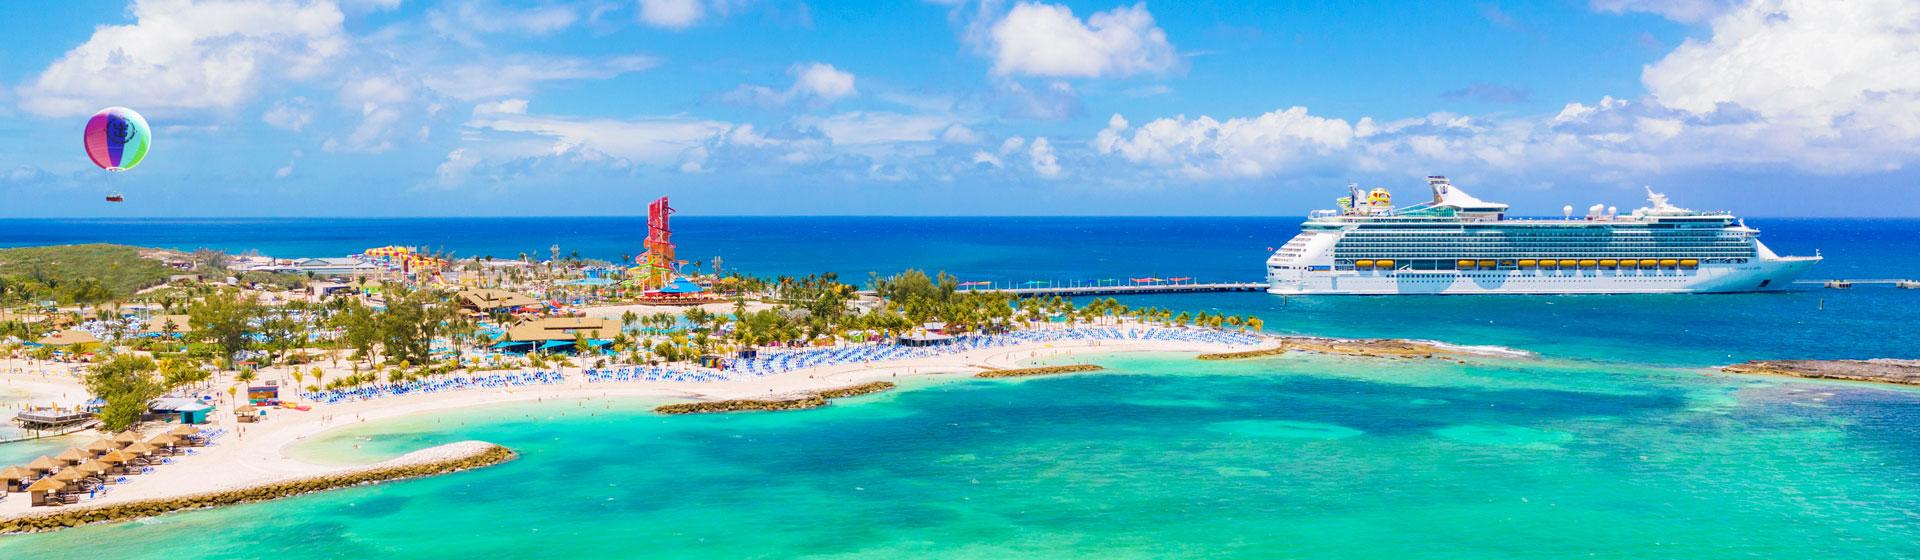 Cococay, Royal Caribbeans privata ö i Bahamas.